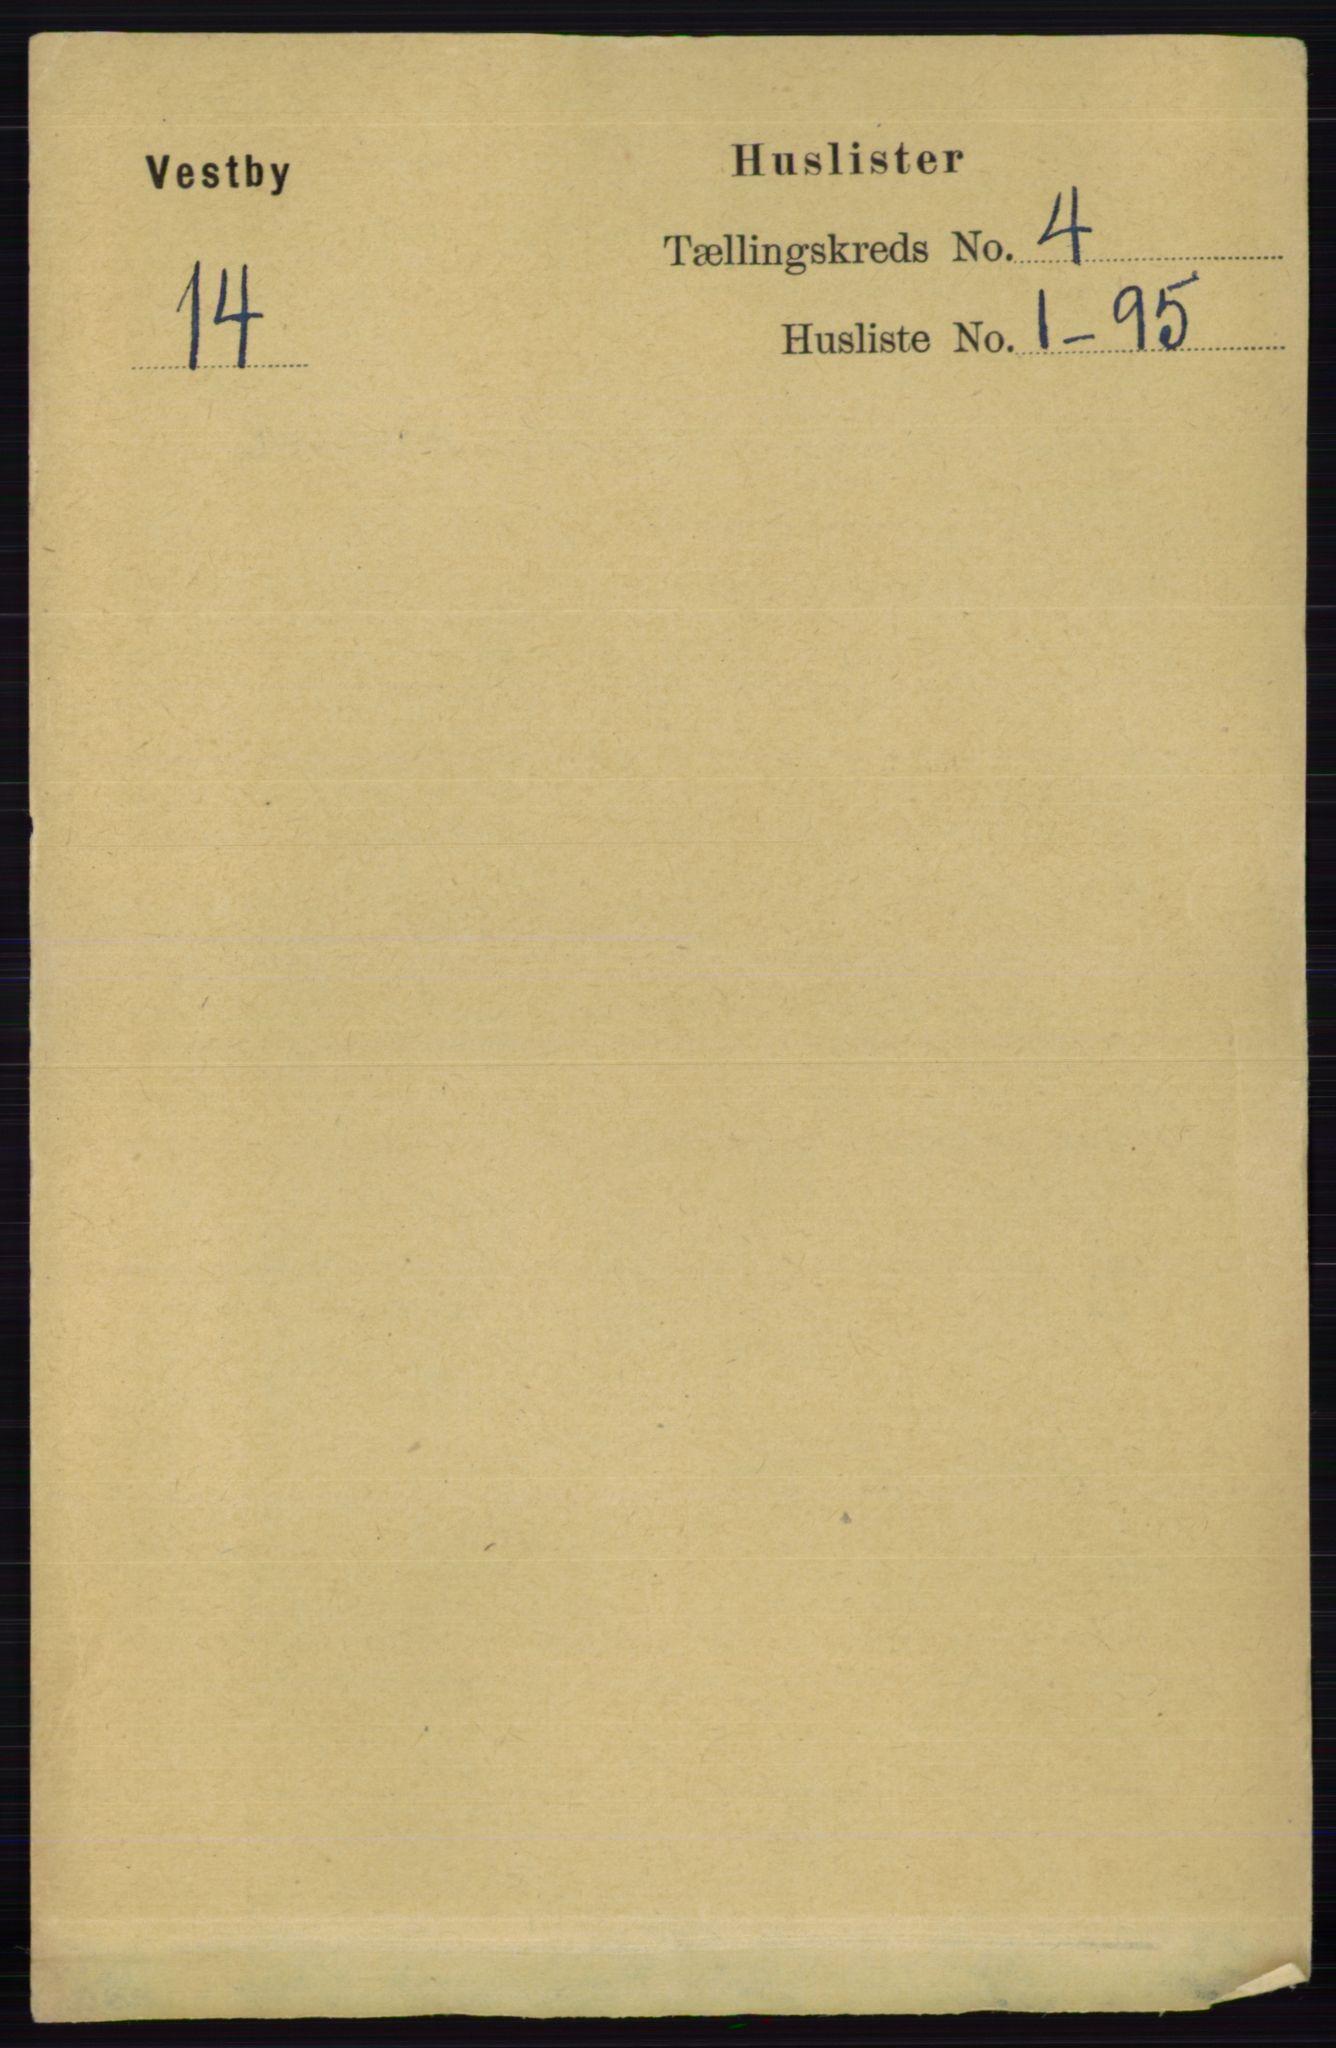 RA, Folketelling 1891 for 0211 Vestby herred, 1891, s. 1479